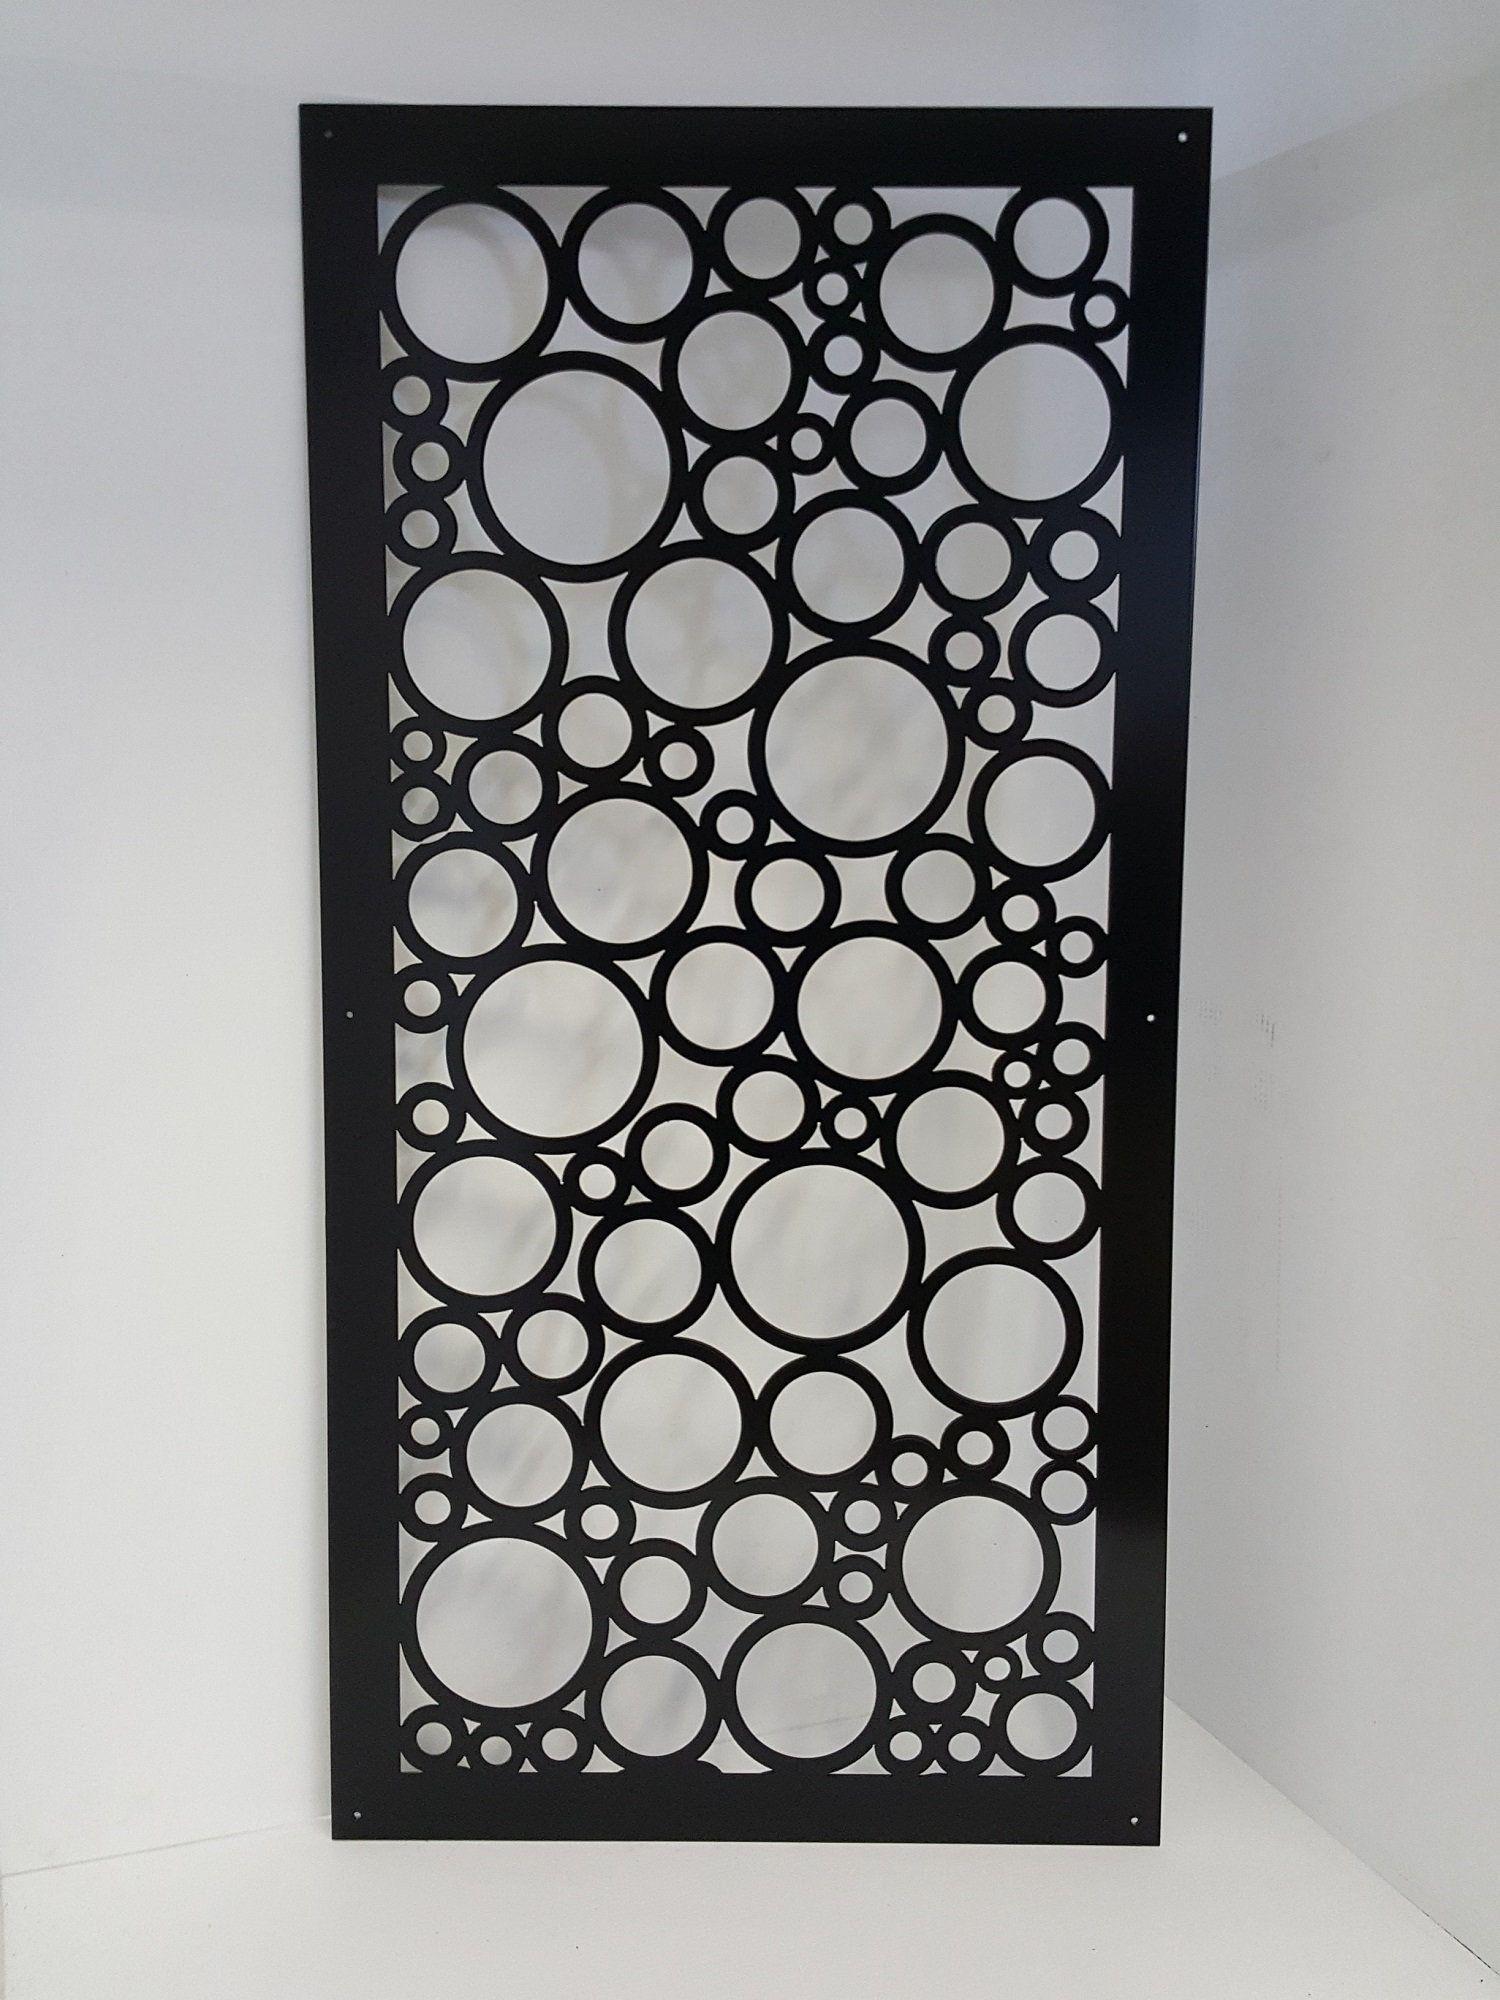 CIRCLE9 - Metal Privacy Screen Decorative Panel Garden Decor Art